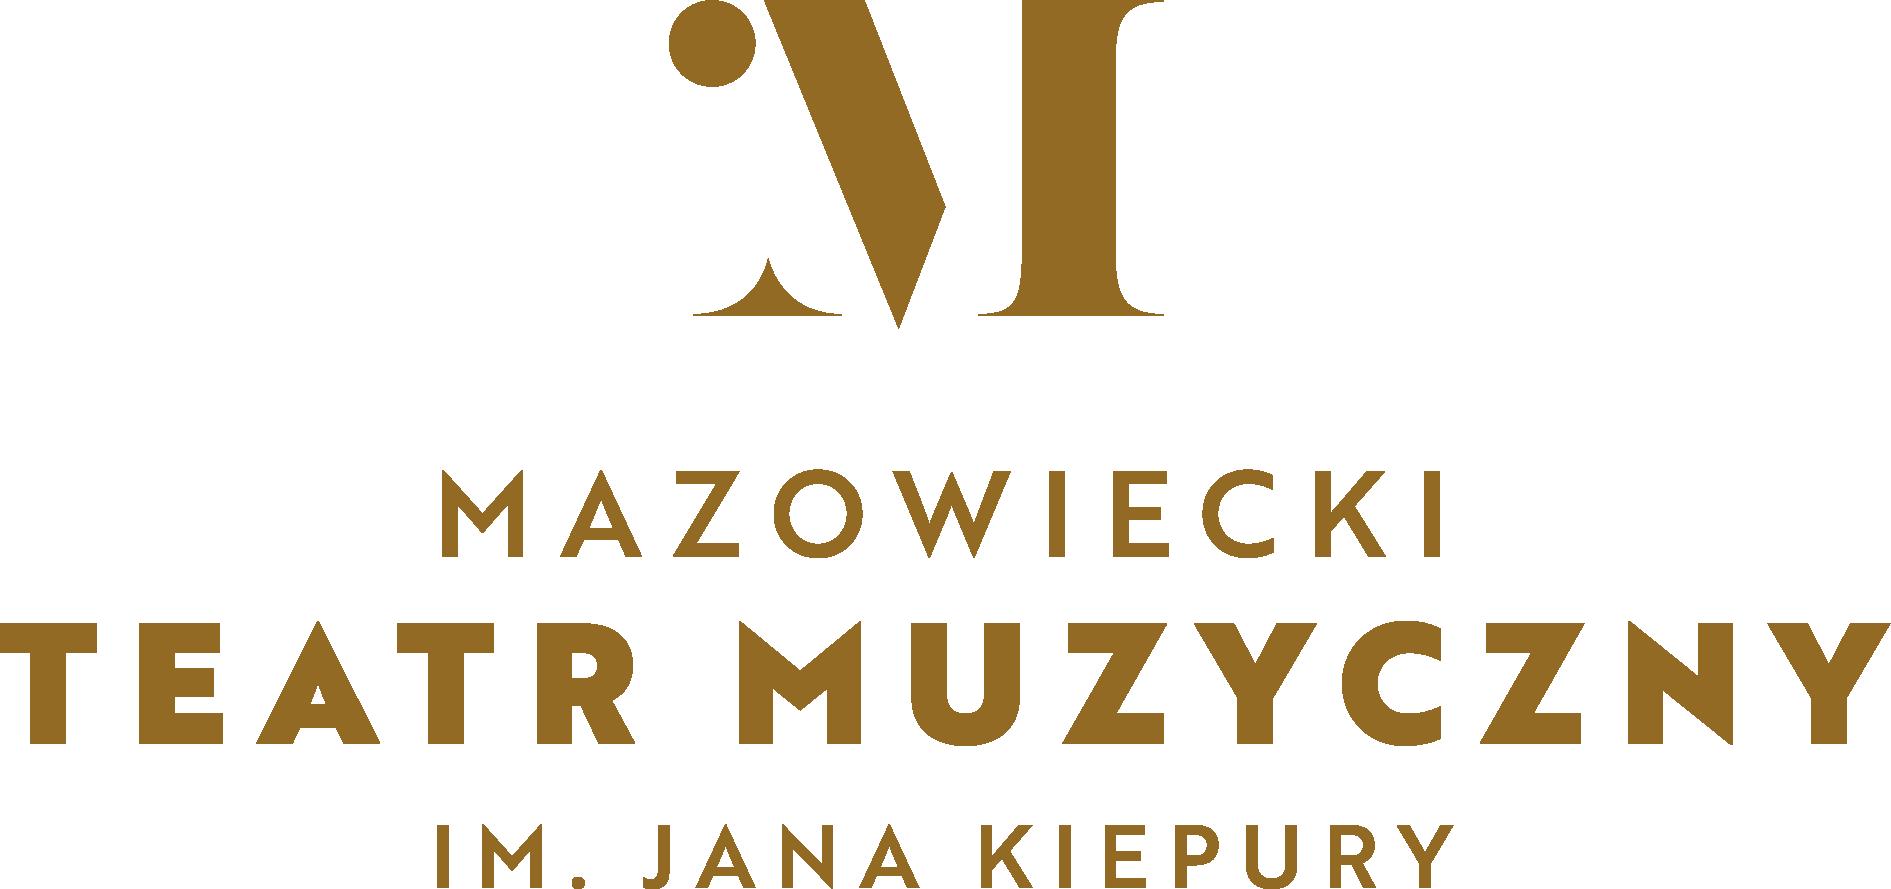 BIP Mazowiecki Teatr Muzyczny im. Jana Kiepury